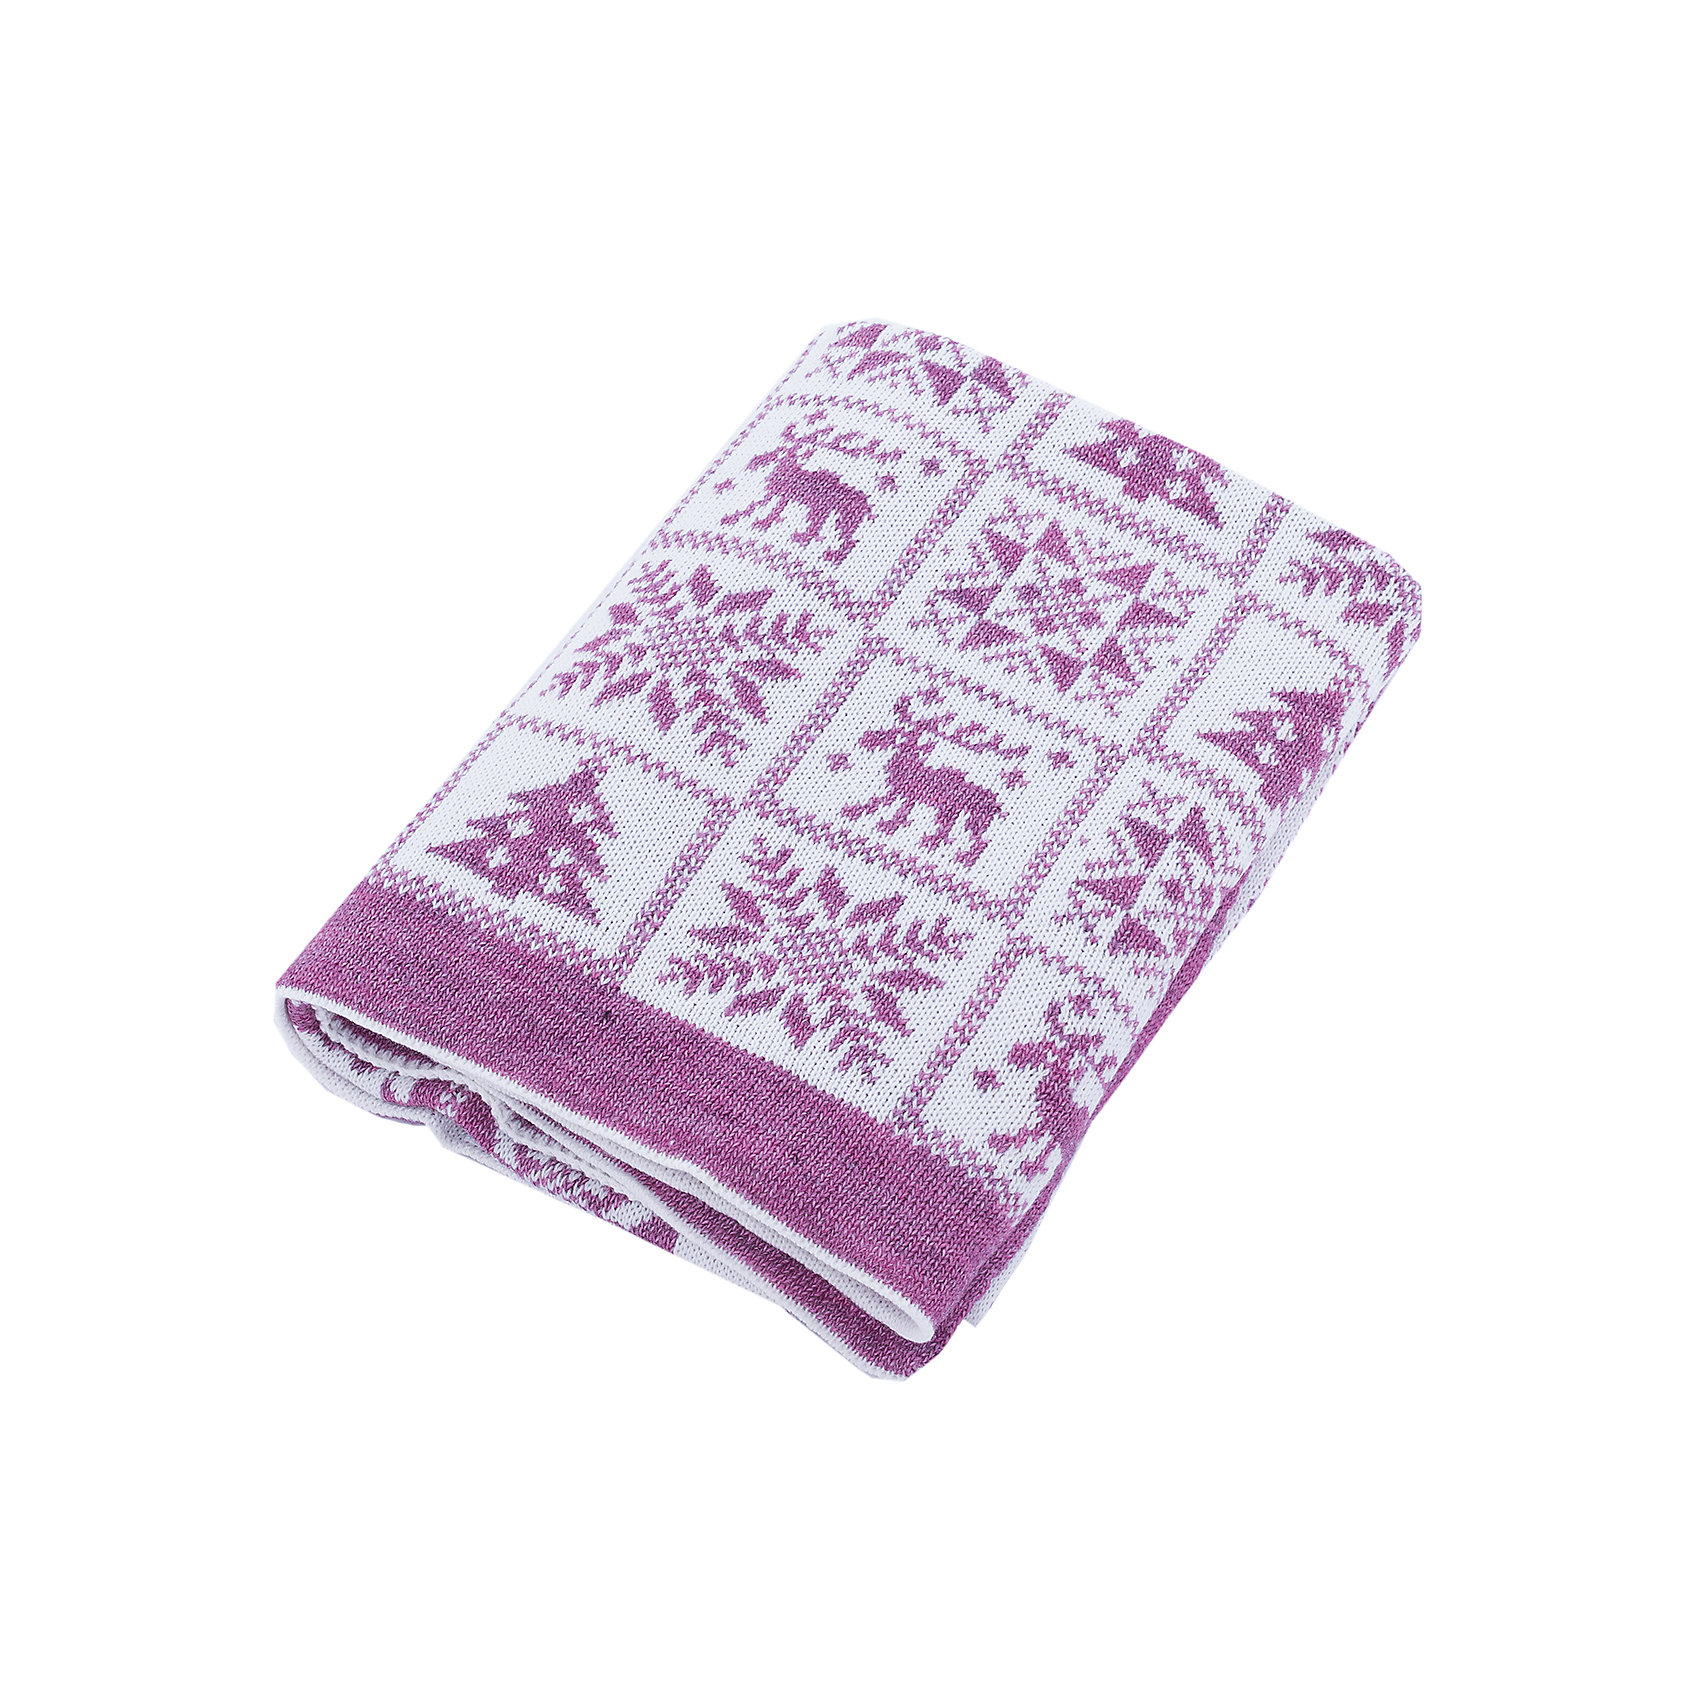 Плед Рождество Уси-ПусиПледы и одеяла<br>Характеристики товара:<br><br>• цвет: сиреневый;<br>• ткань: вязаная;<br>• состав ткани: 50% шерсть, 50% пан;<br>• размер : 110х140 см;<br>• особенности модели: вязаная, с рисунком;<br>• сезон: демисезон;<br>• страна бренда: Россия;<br>• страна изготовитель: Россия.<br> <br>Полушерстяной вязанный плед «Рождество» будет прекрасным дополнением в гардеробе Вашего малыша в любое время года. <br><br>Ровная машинная вязка с рождественским детским рисунком напомнит лучшие детские мгновения, порадует Вас и малыша теплотой и простотой по уходу за изделием. Пледом можно прикрыть спящего малыша дома, на улице или в машине. <br><br>Вязанный плед «Рождество»  Уси-Пуси можно купить в нашем интернет-магазине.<br><br>Ширина мм: 37<br>Глубина мм: 4<br>Высота мм: 25<br>Вес г: 430<br>Цвет: лиловый<br>Возраст от месяцев: 0<br>Возраст до месяцев: 24<br>Пол: Унисекс<br>Возраст: Детский<br>Размер: one size<br>SKU: 7029568